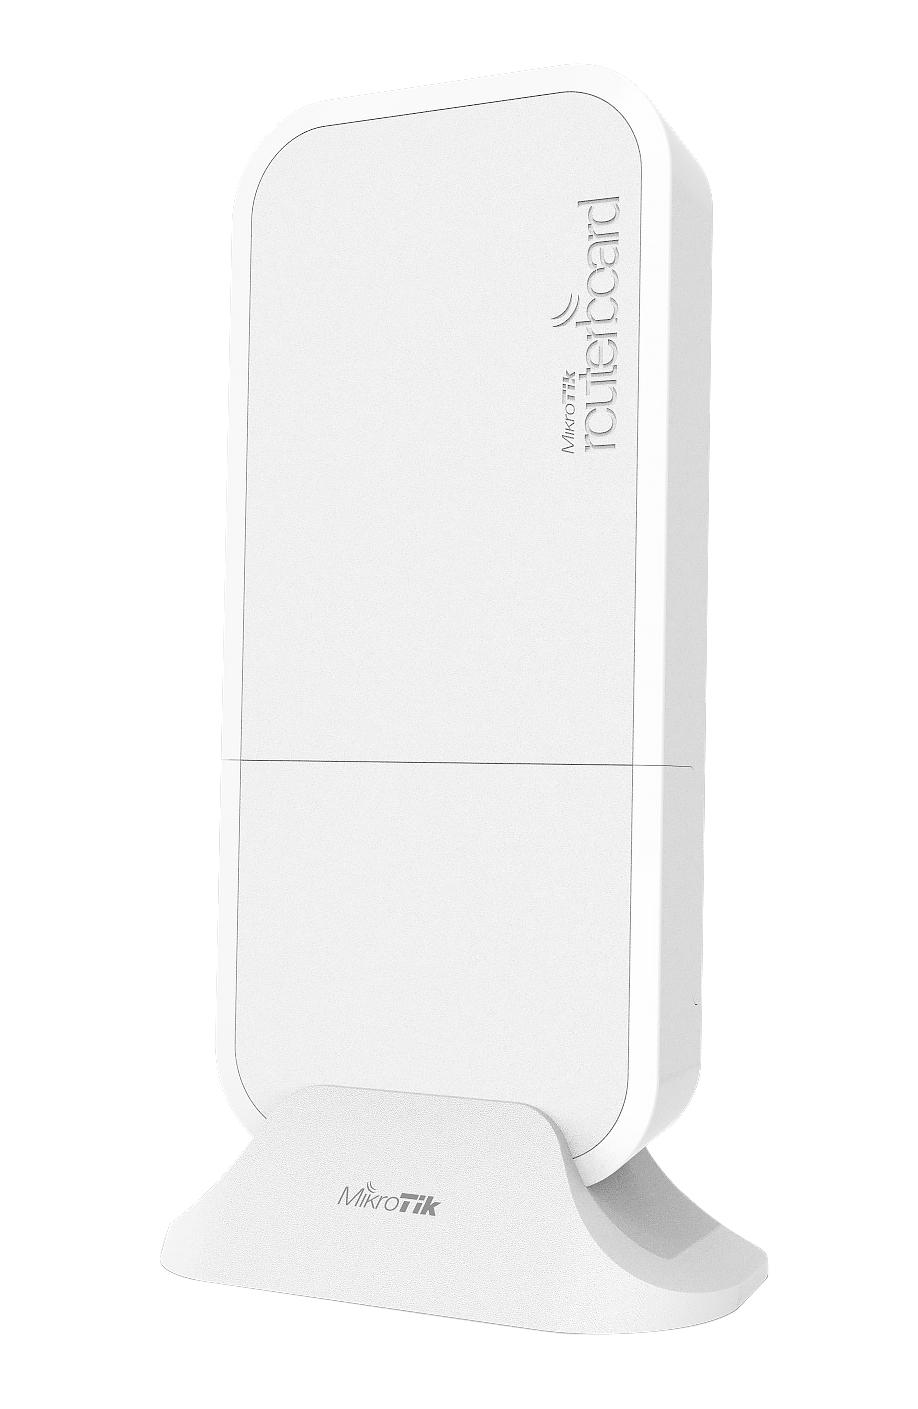 Wap Lte Kit Energía Sobre Ethernet (poe) Blanco Punto De Acceso Wlan